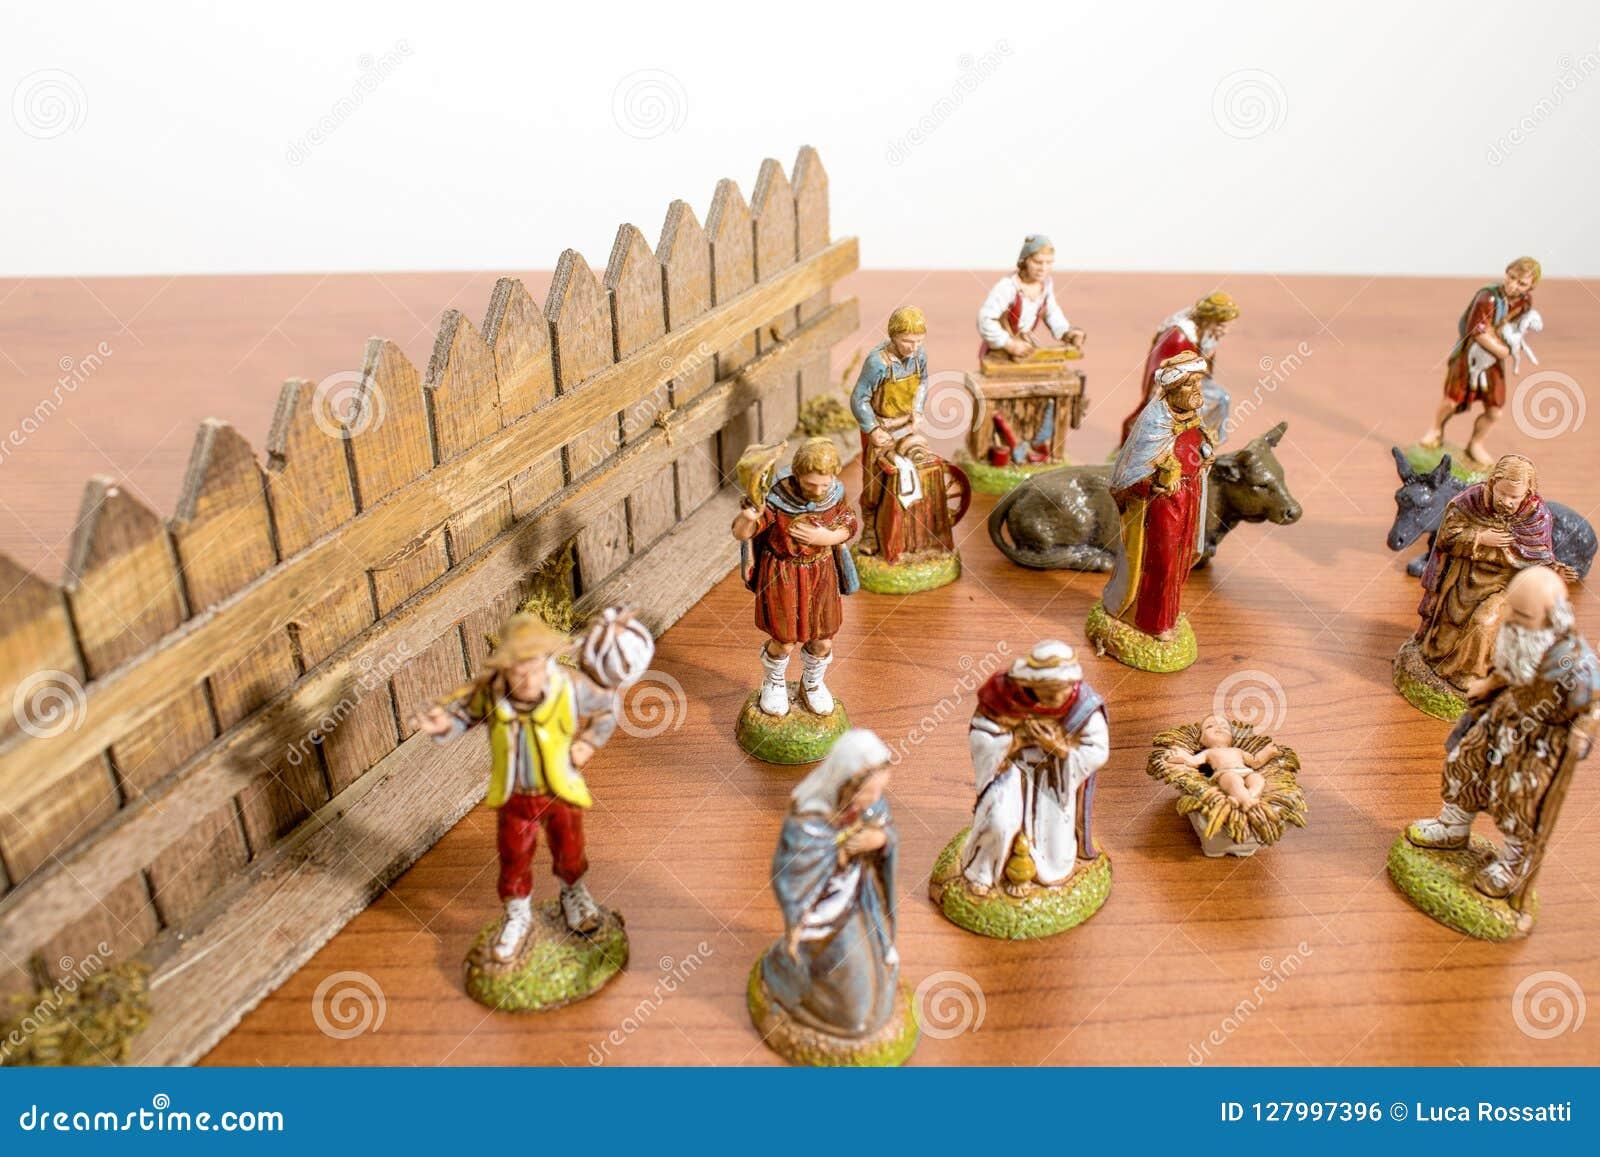 Decoraciones de la Navidad, estatuas de la escena de la natividad en una tabla de madera